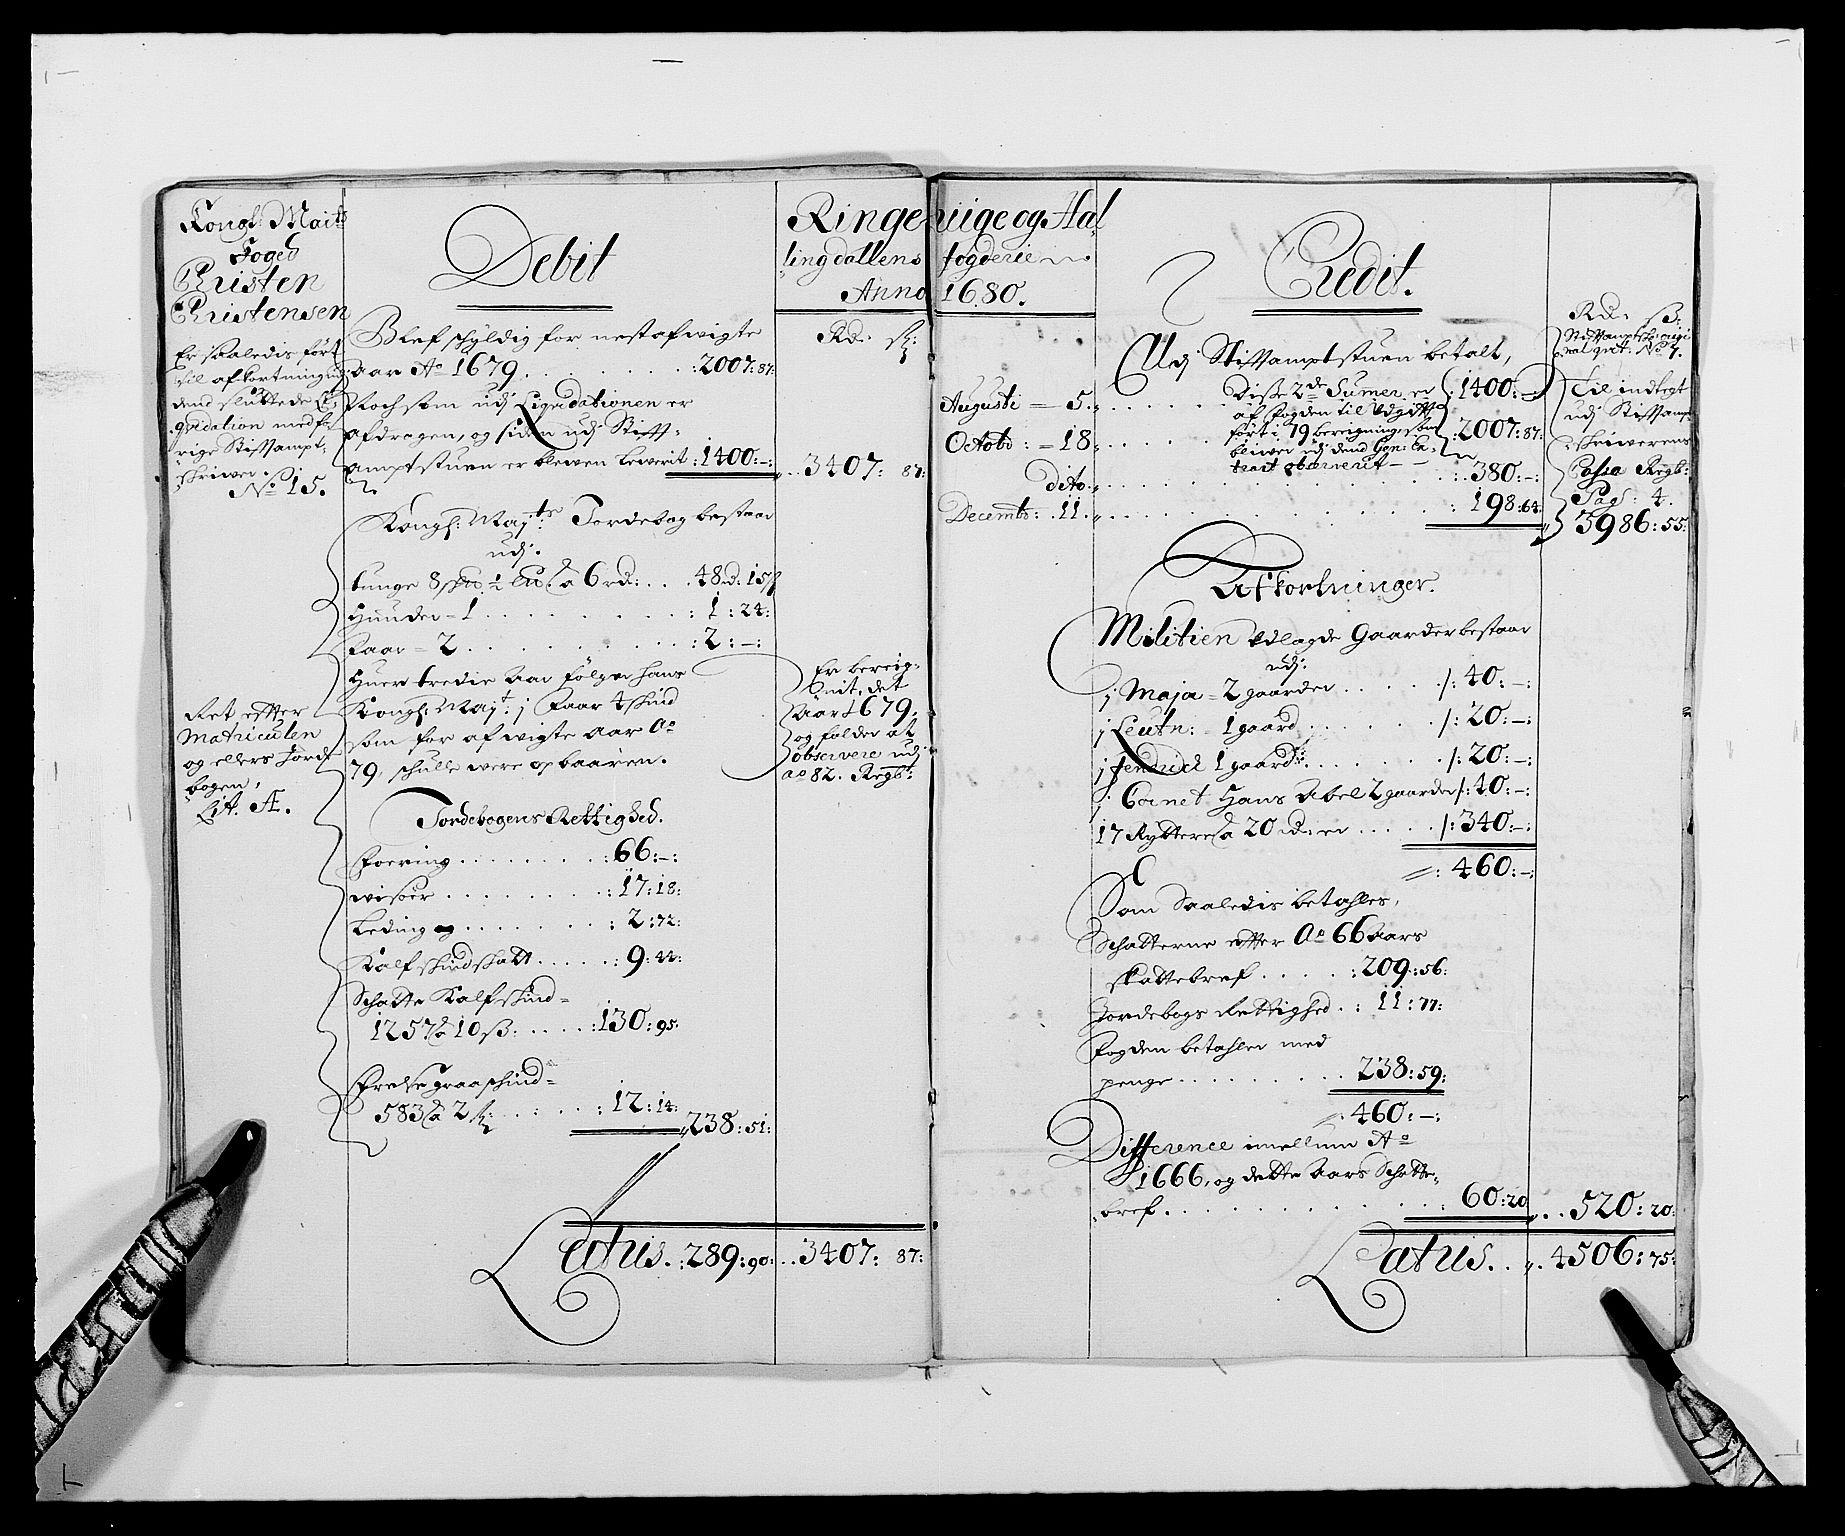 RA, Rentekammeret inntil 1814, Reviderte regnskaper, Fogderegnskap, R21/L1443: Fogderegnskap Ringerike og Hallingdal, 1678-1680, s. 21